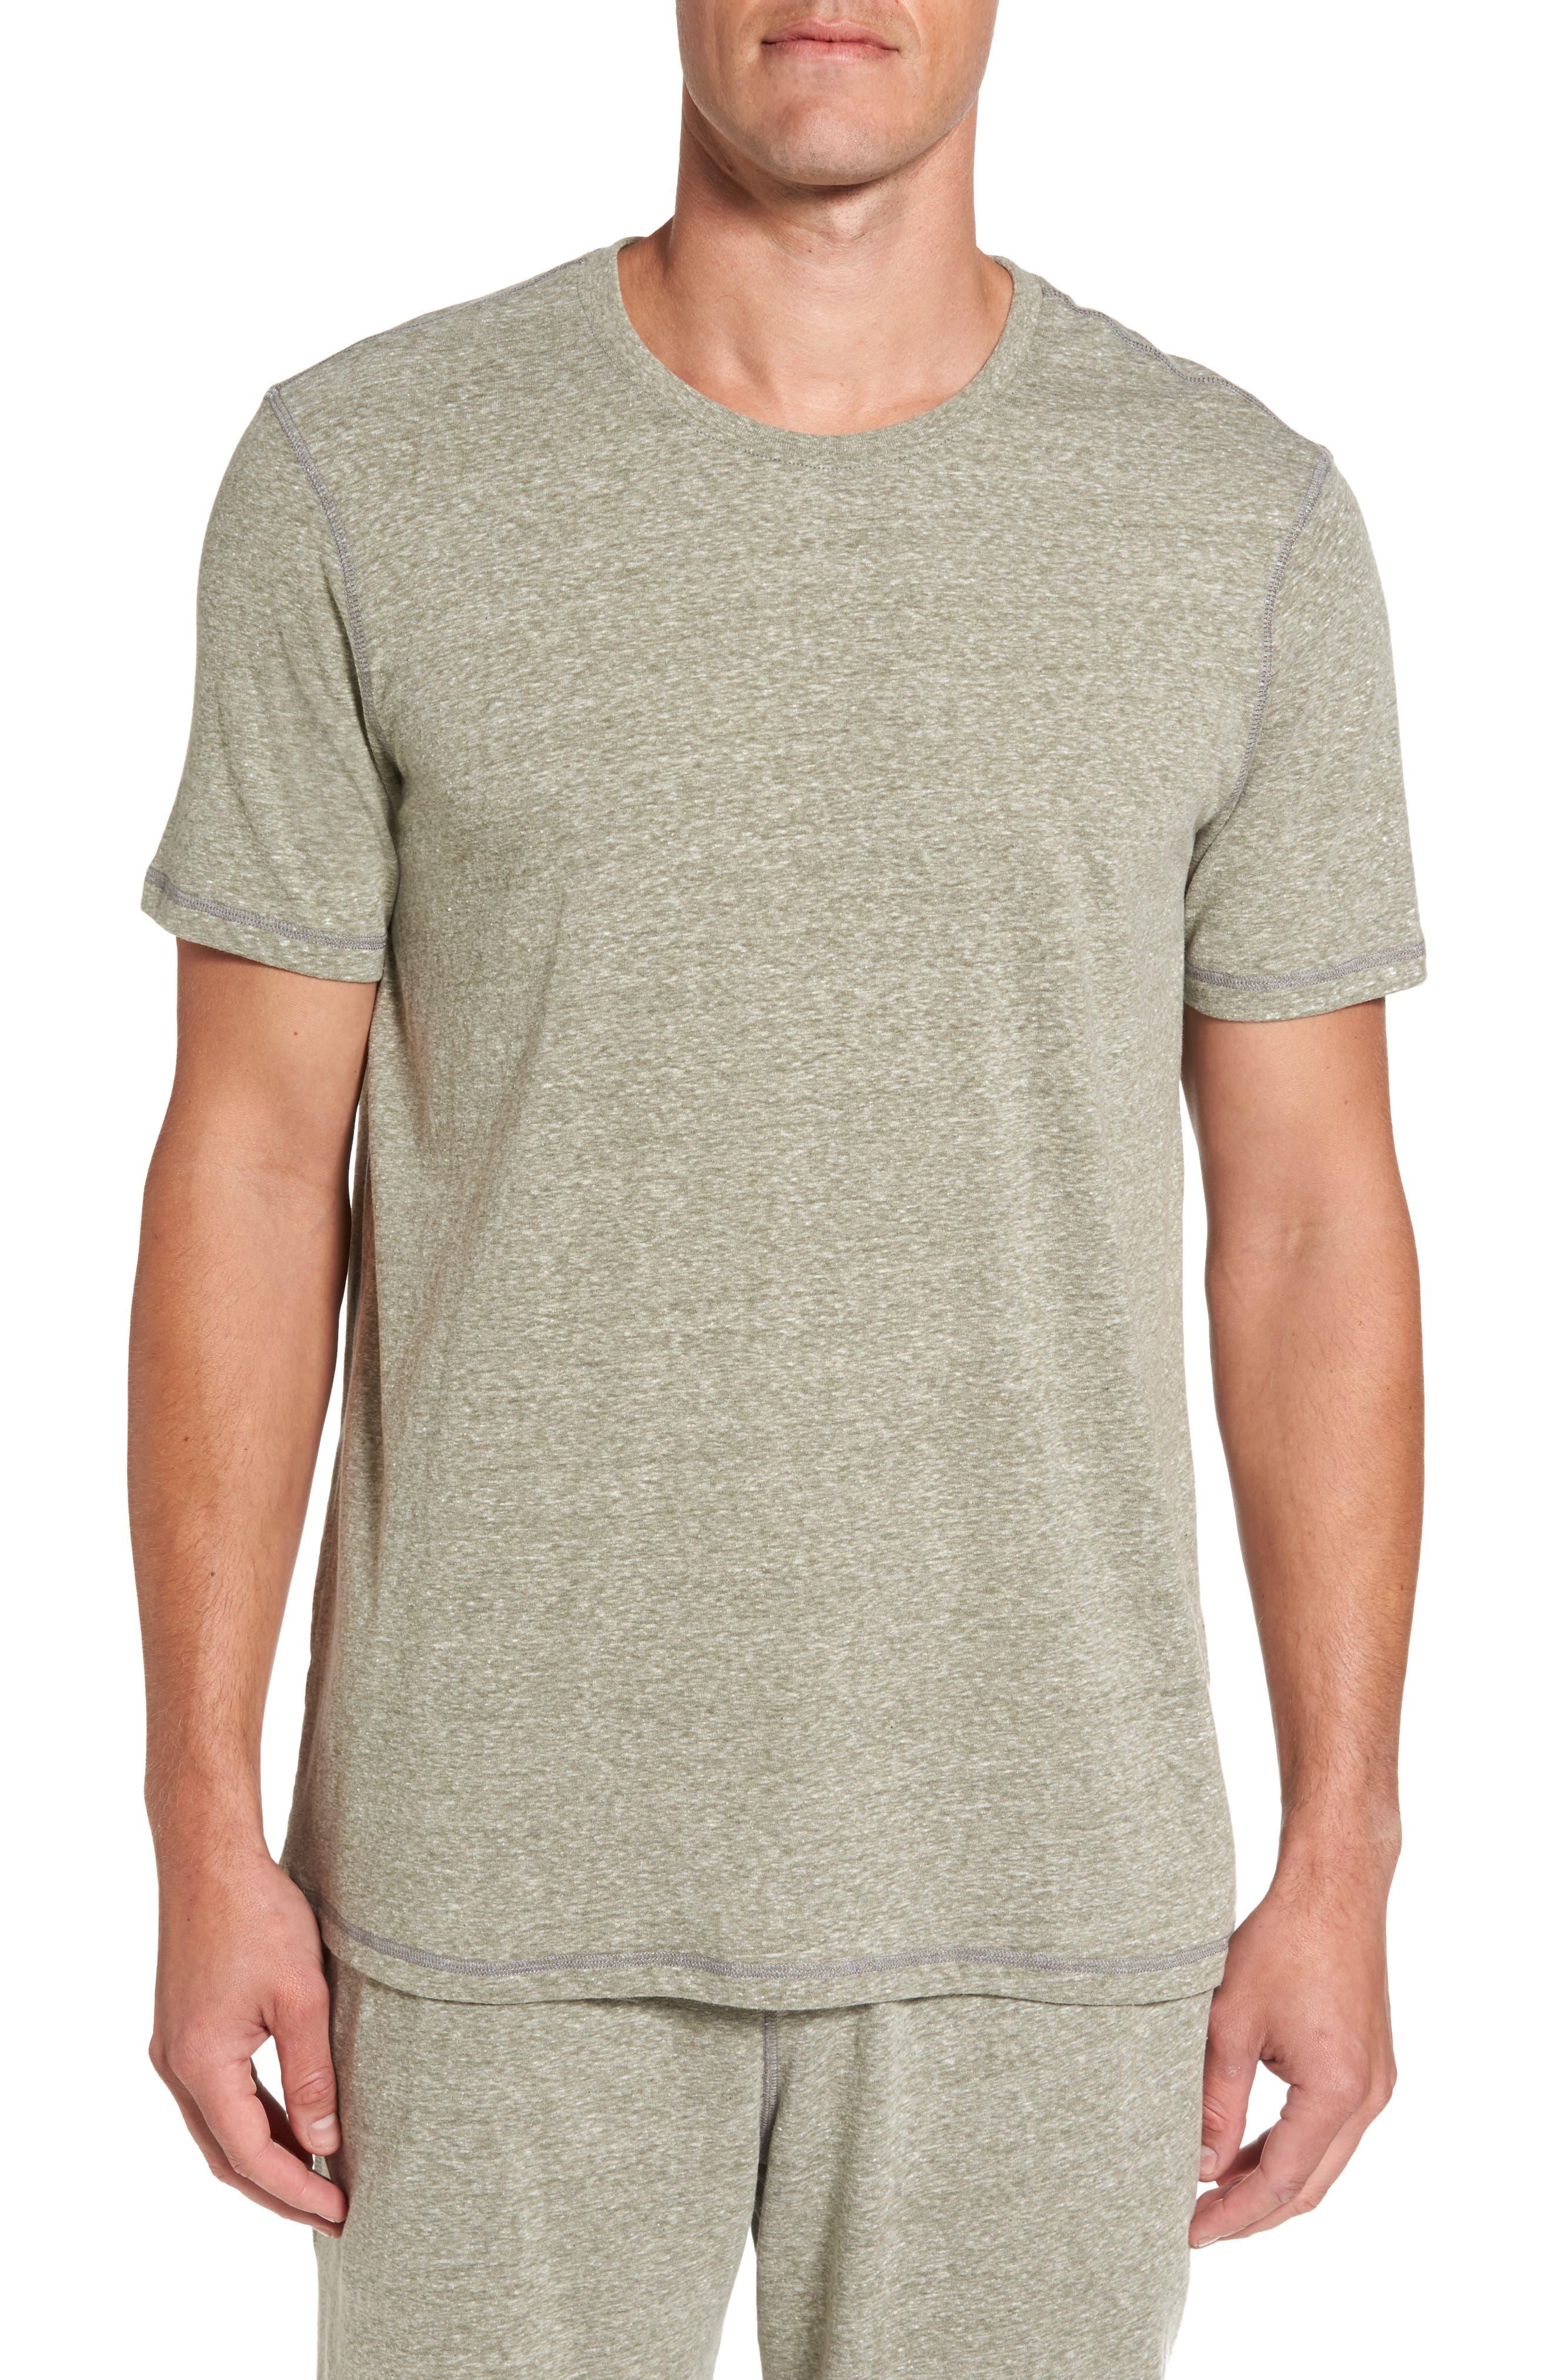 Main Image - Daniel Buchler Cotton Blend T-Shirt